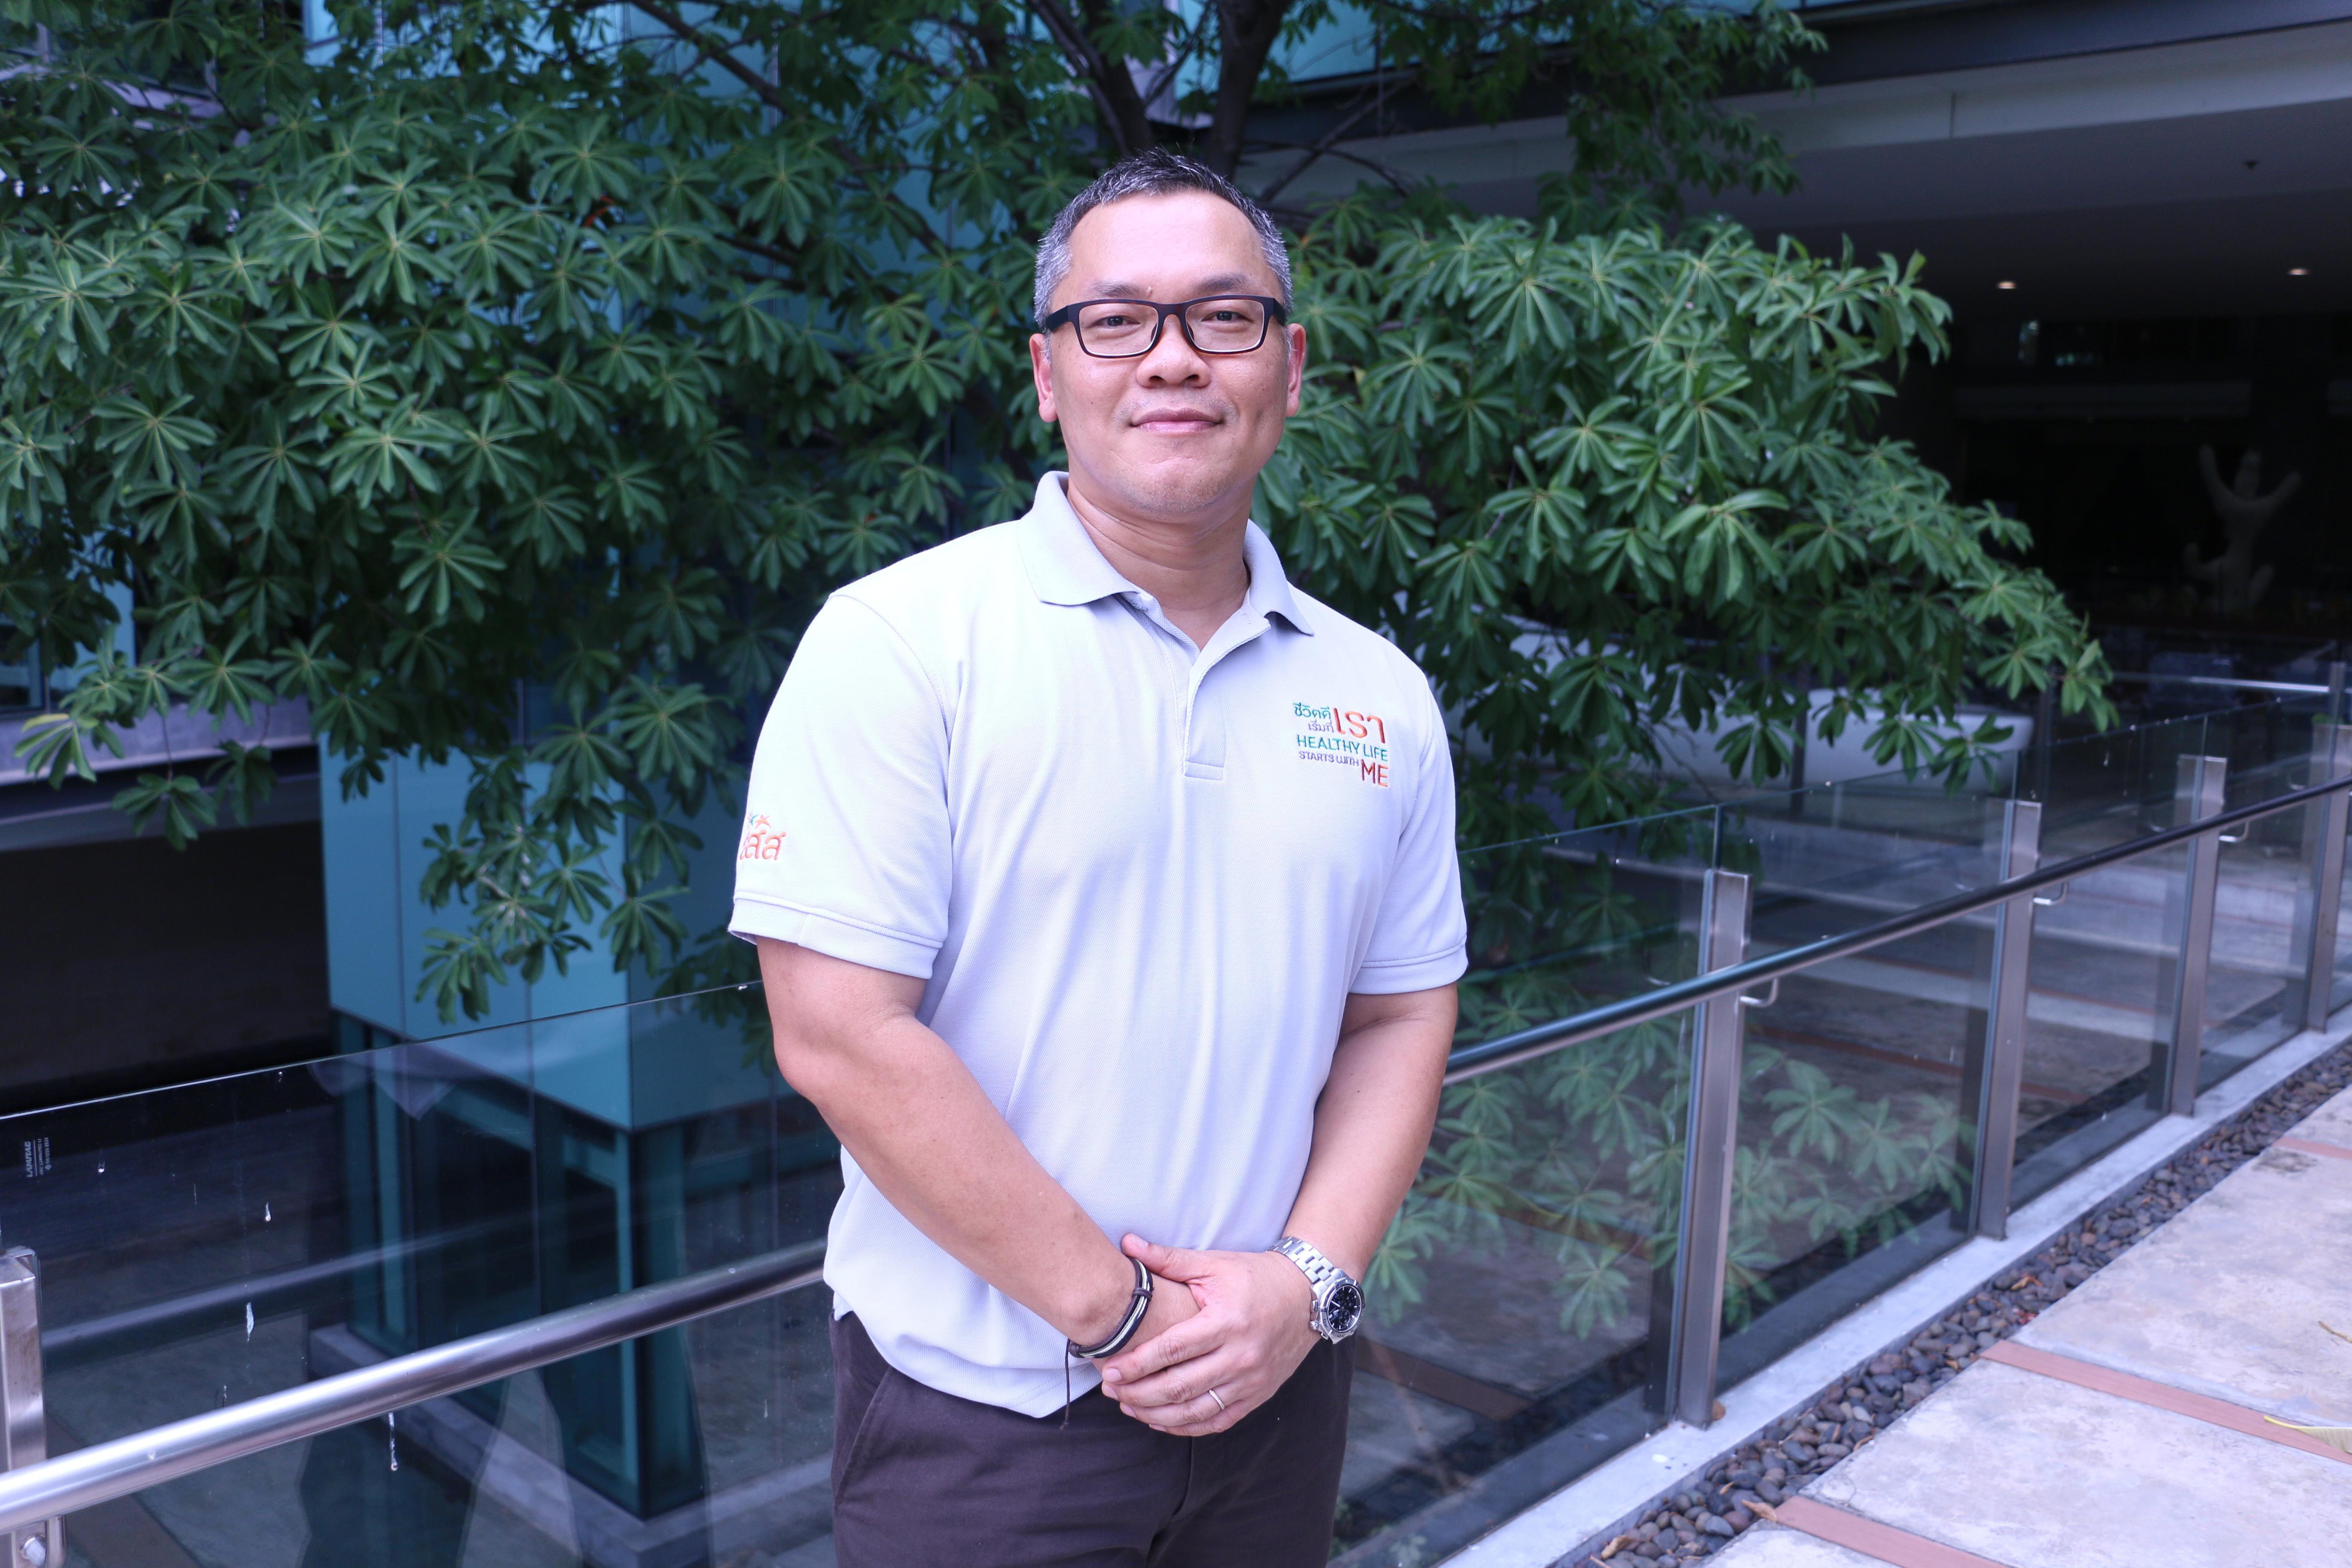 สสส. จับมือภาคีเครือข่าย สร้างความเข้าใจกฎหมายป่าชุมชน หวังลดเผาป่า  thaihealth